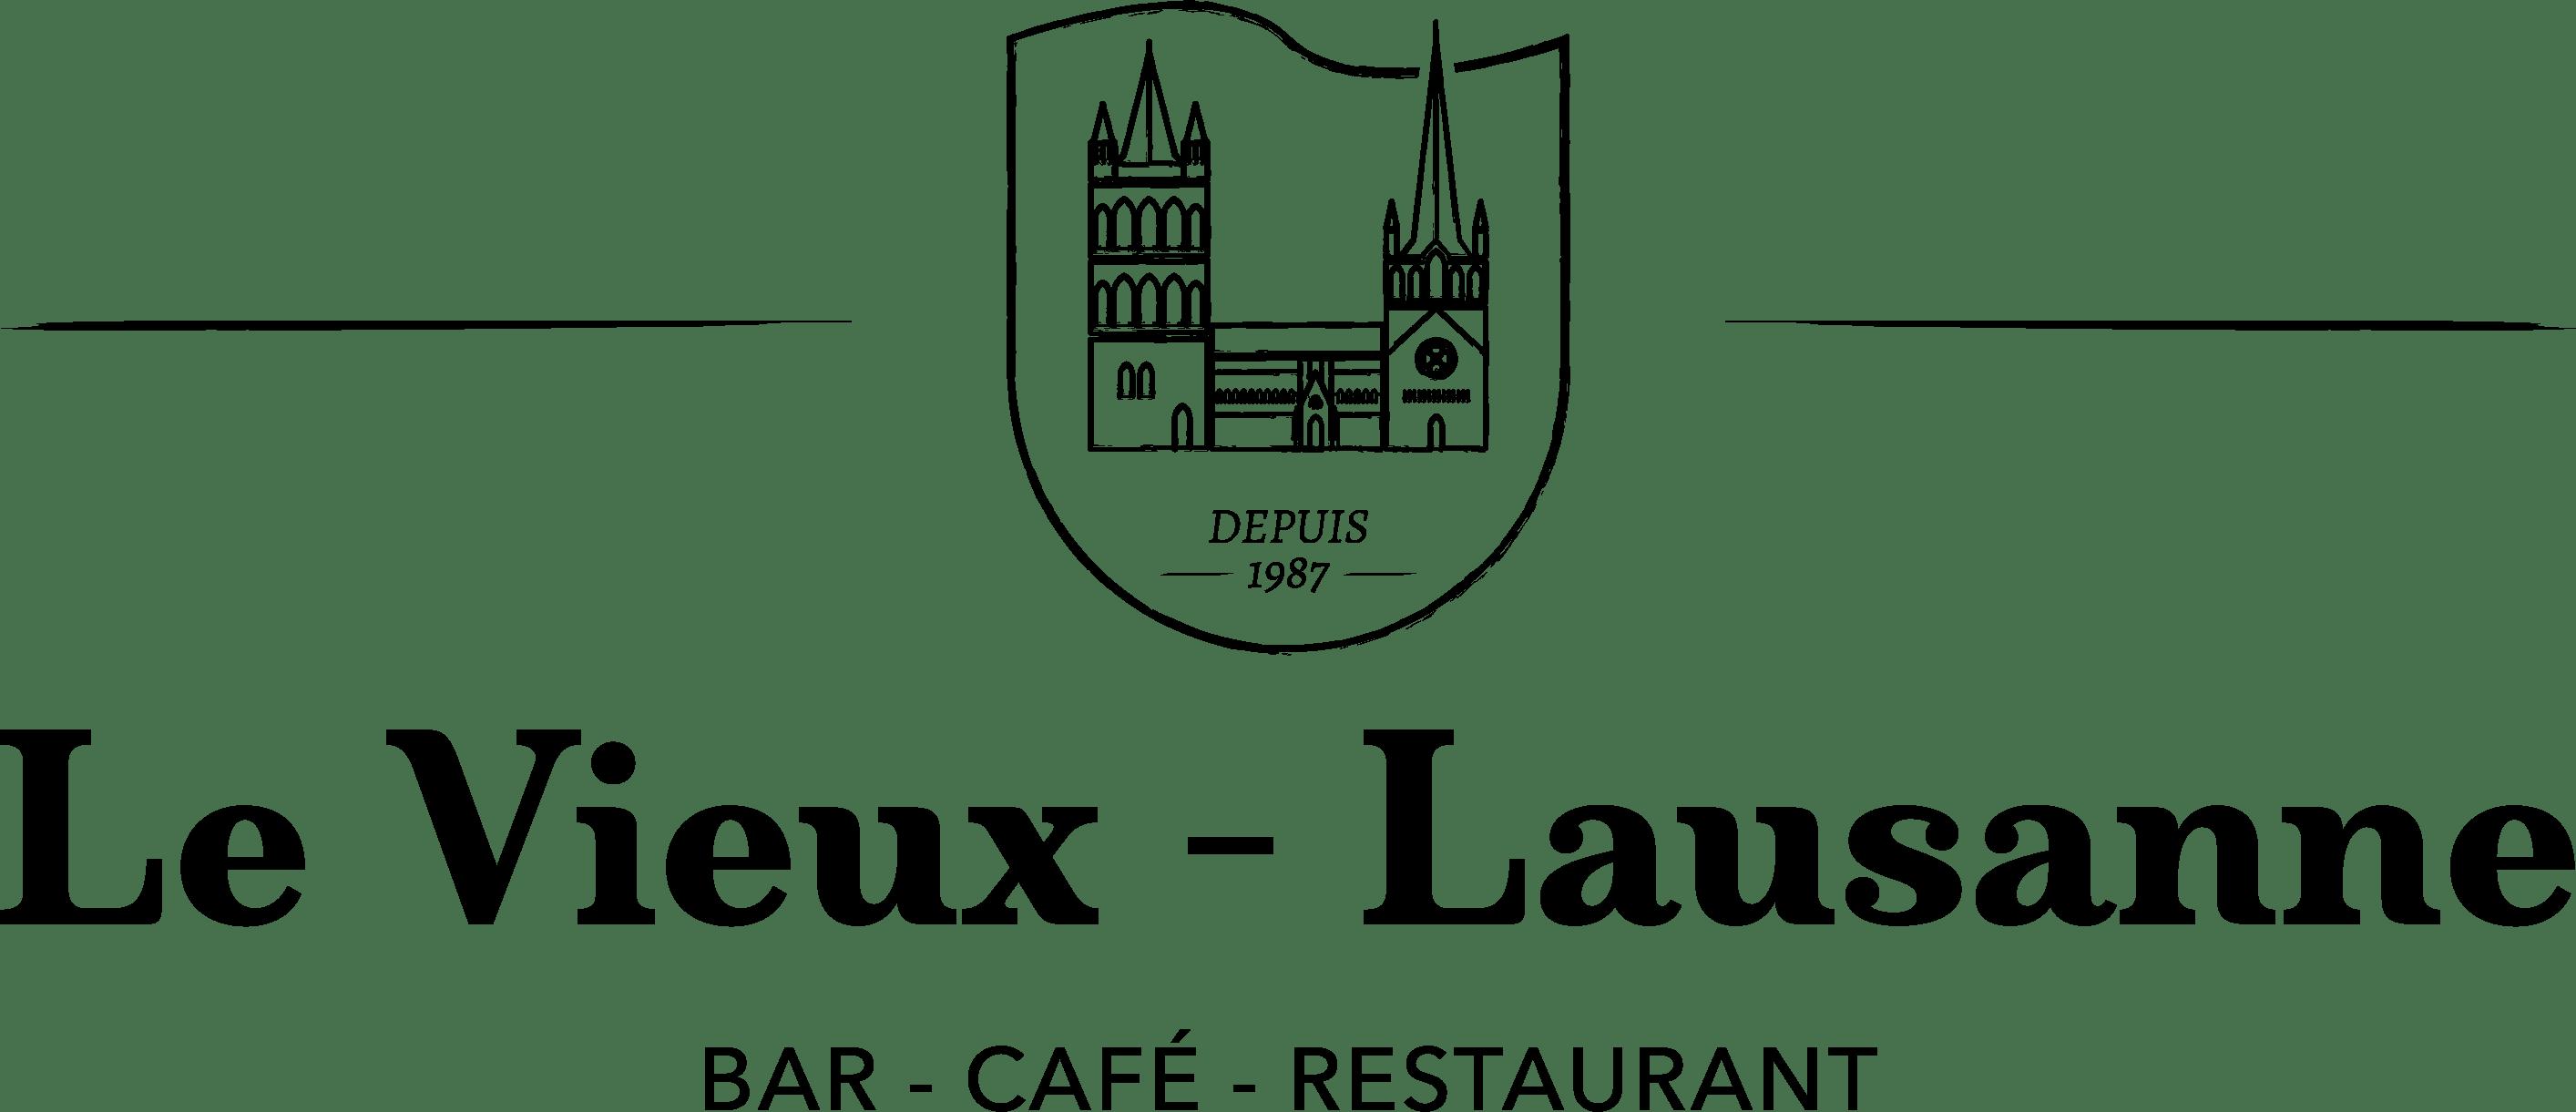 Vieux-Lausanne